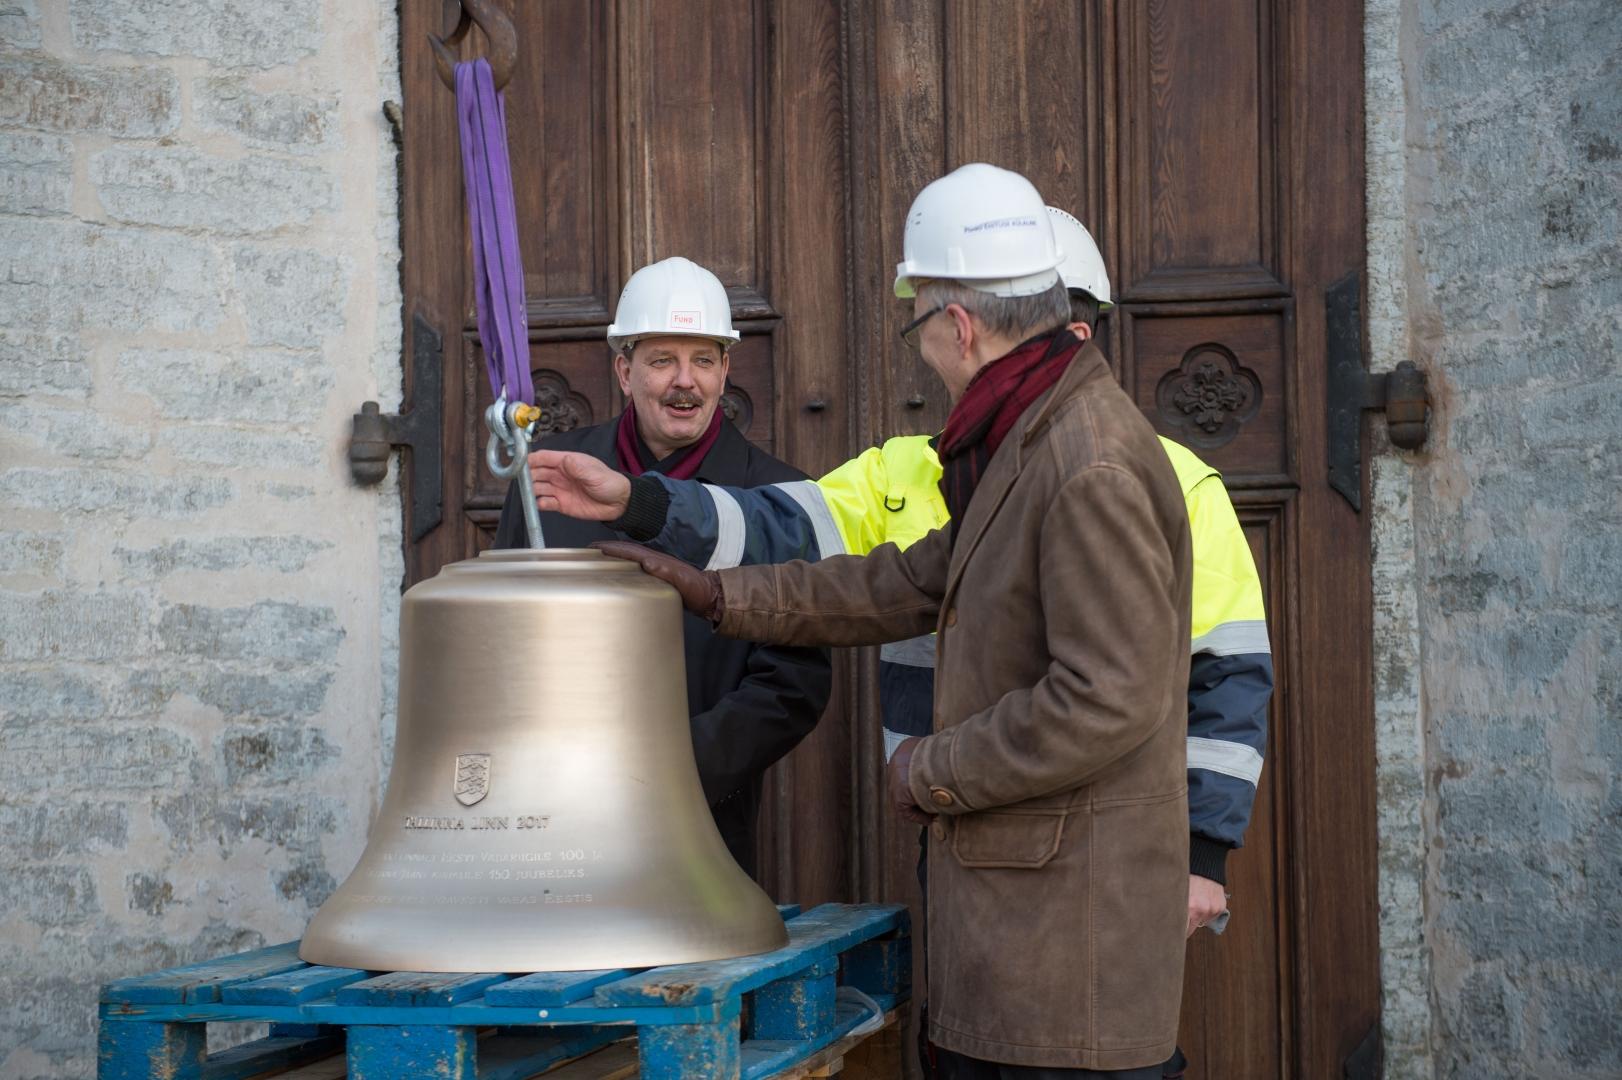 41a9e8fee53 FOTOD JA VIDEO! Jaani kiriku torni tõsteti uued kellamängu kellad - Kõik